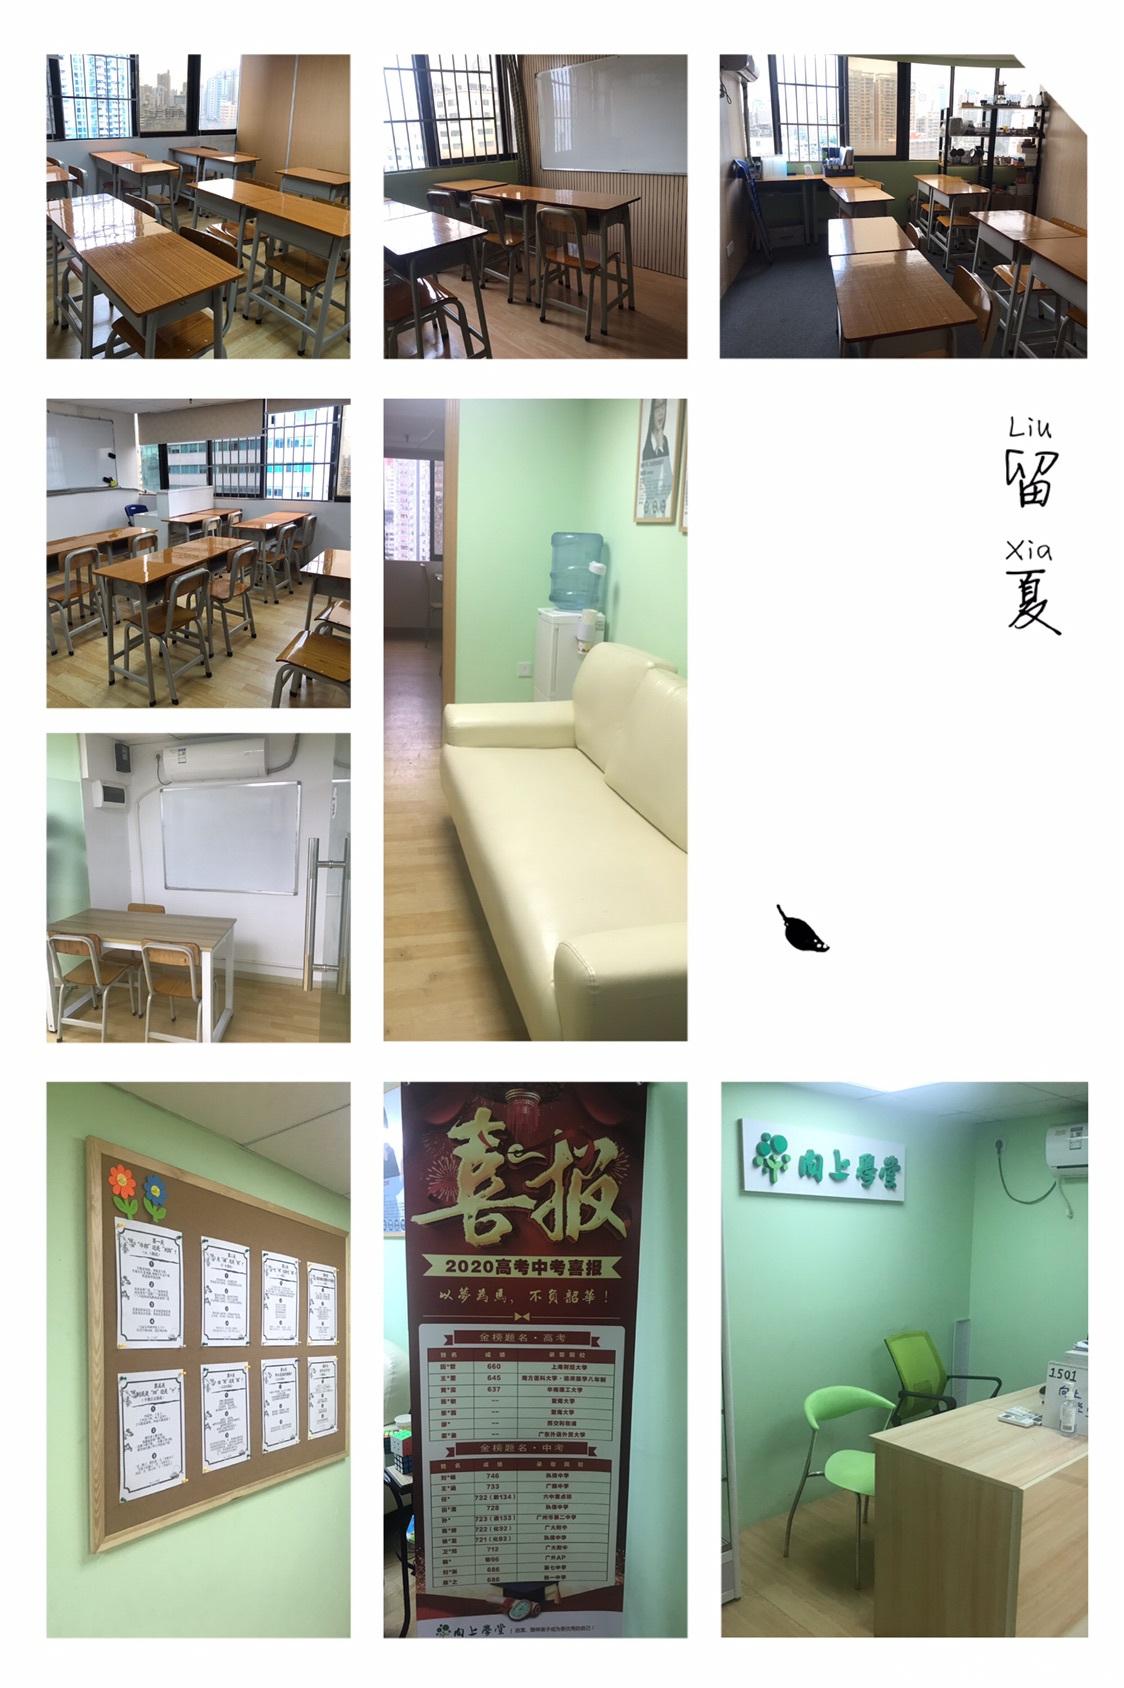 庄河招聘网_「向上学堂招聘」-BOSS直聘